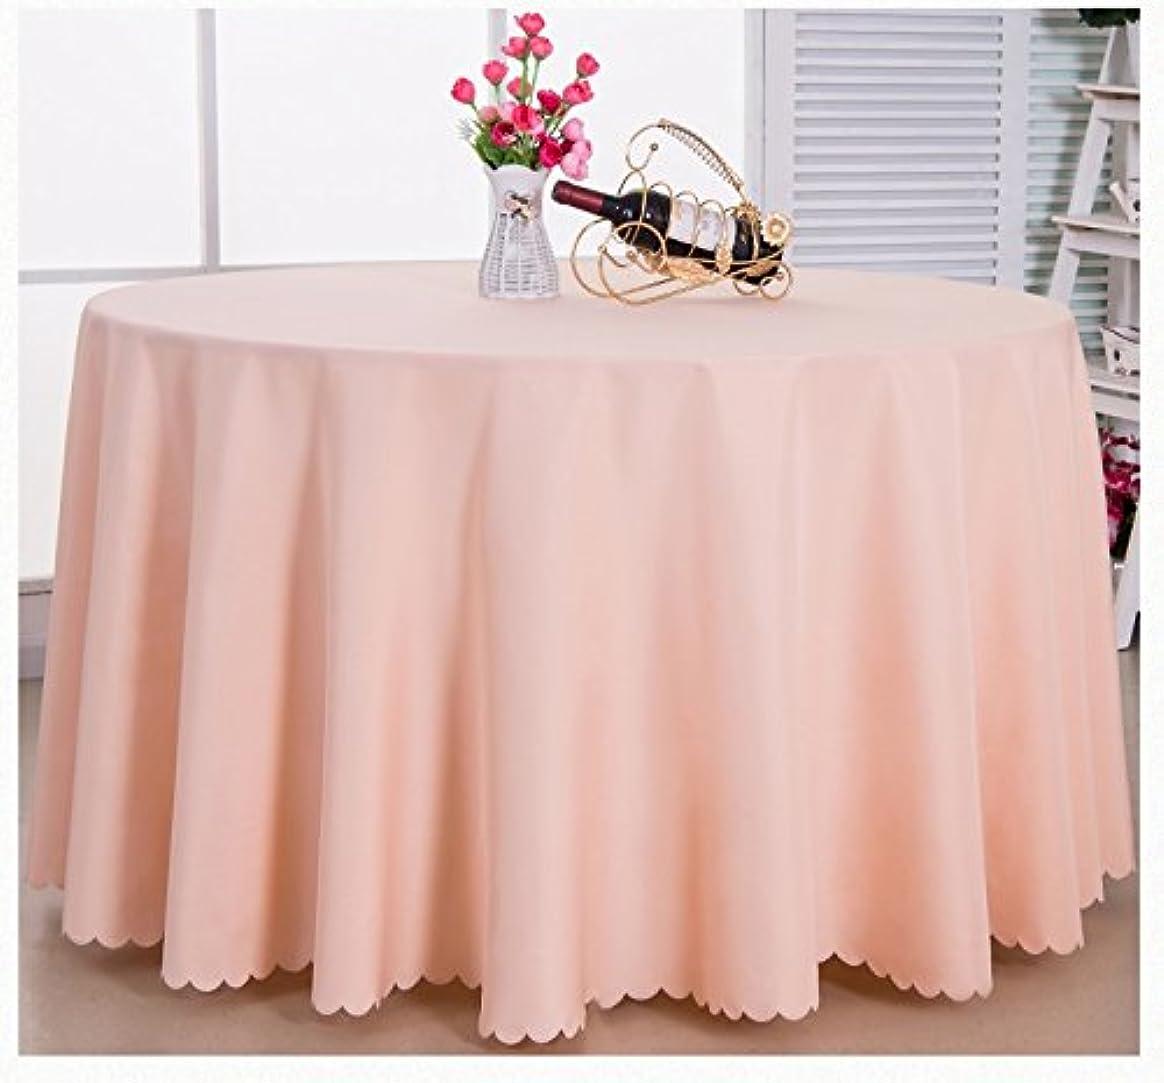 検閲オートマトンスイングHAPzfsp テーブルクロス テーブルクロスラウンド生地テーブルクロスヨーロッパスタイルコーヒーテーブルレストランホテルテーブルクロス無地の色で パティオ、キッチン、ダイニングルーム、ダイニングテーブル、ホテル (Color : Pink, Size : Round 240cm)